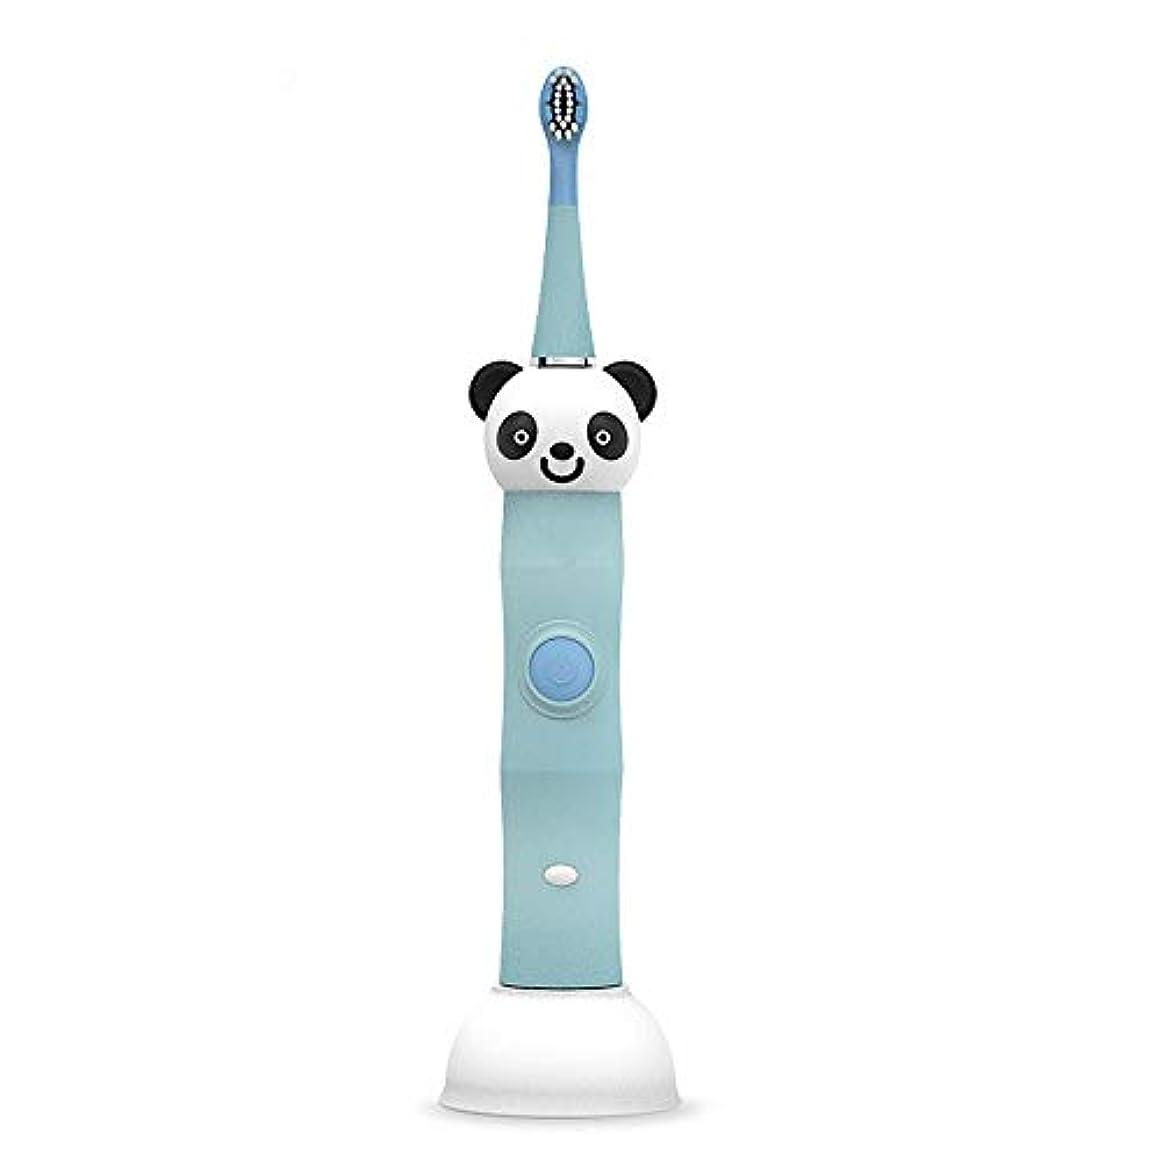 透けて見える引き算スキー電動歯ブラシ 毎日の使用のためのUSBの充満基盤の柔らかい毛のきれいな歯ブラシと防水子供の電動歯ブラシ 大人と子供向け (色 : 青, サイズ : Free size)